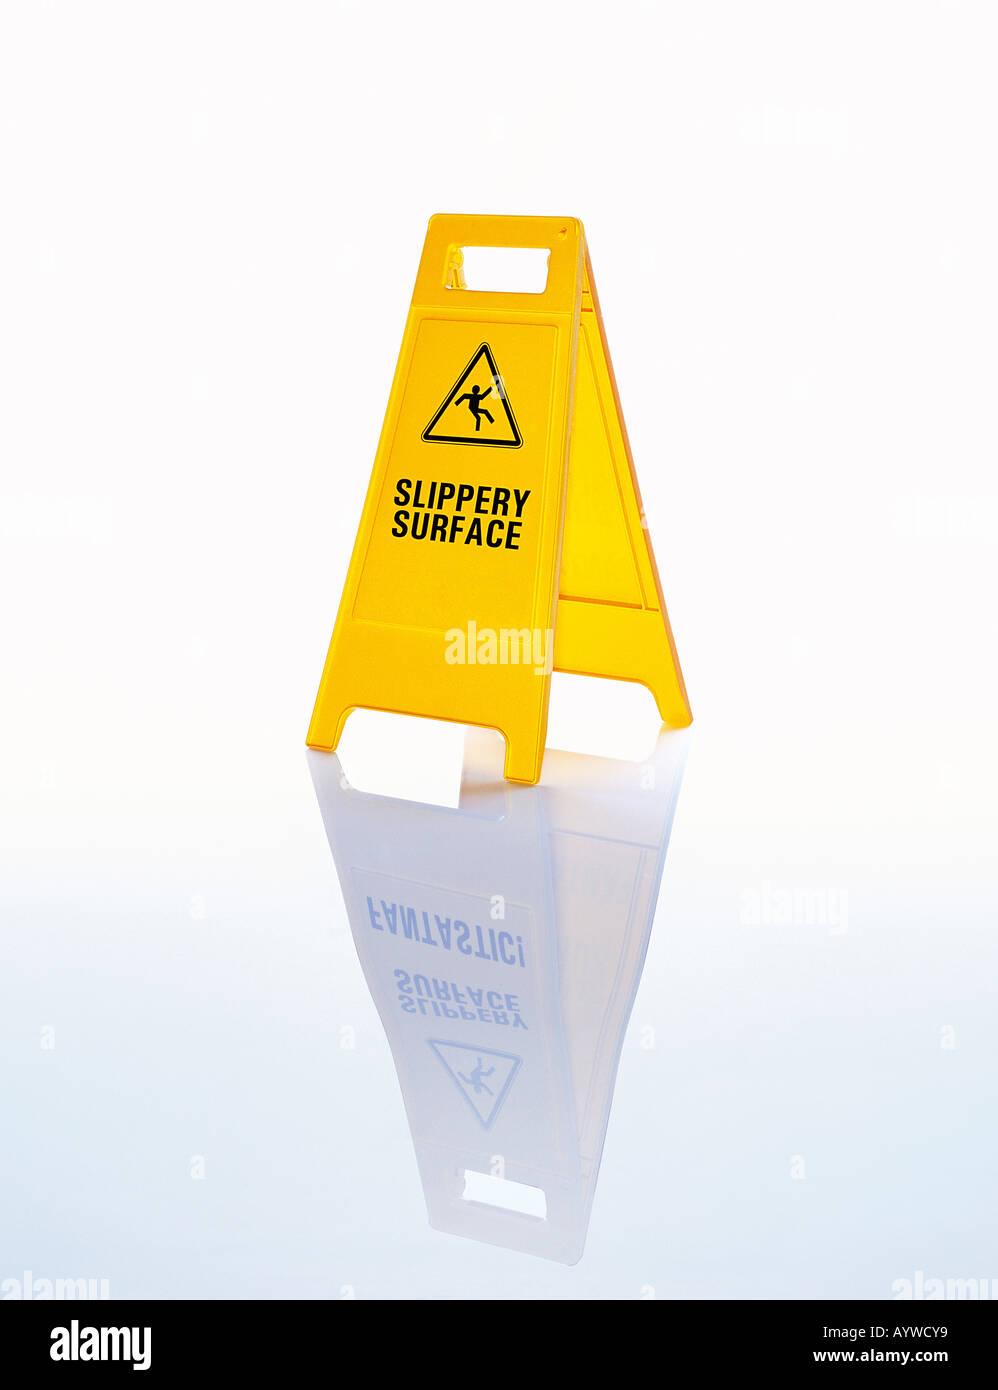 Un signo de advertencia amarillo brillante suelo decir 'Slippery' en una superficie mojada / fondo de hielo Imagen De Stock